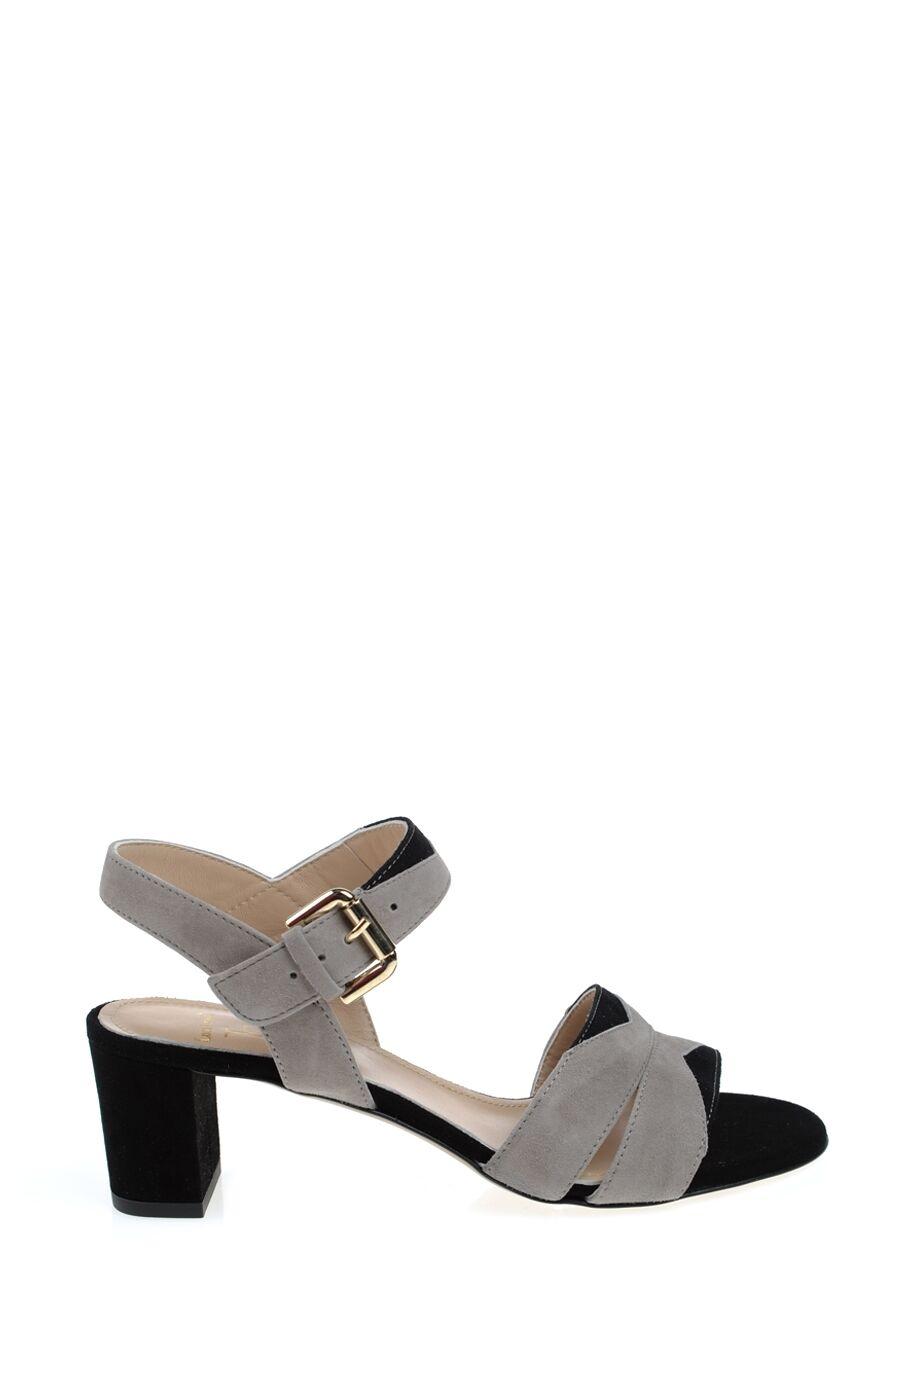 Siyah-Gri Bantlı Süet Ayakkabı